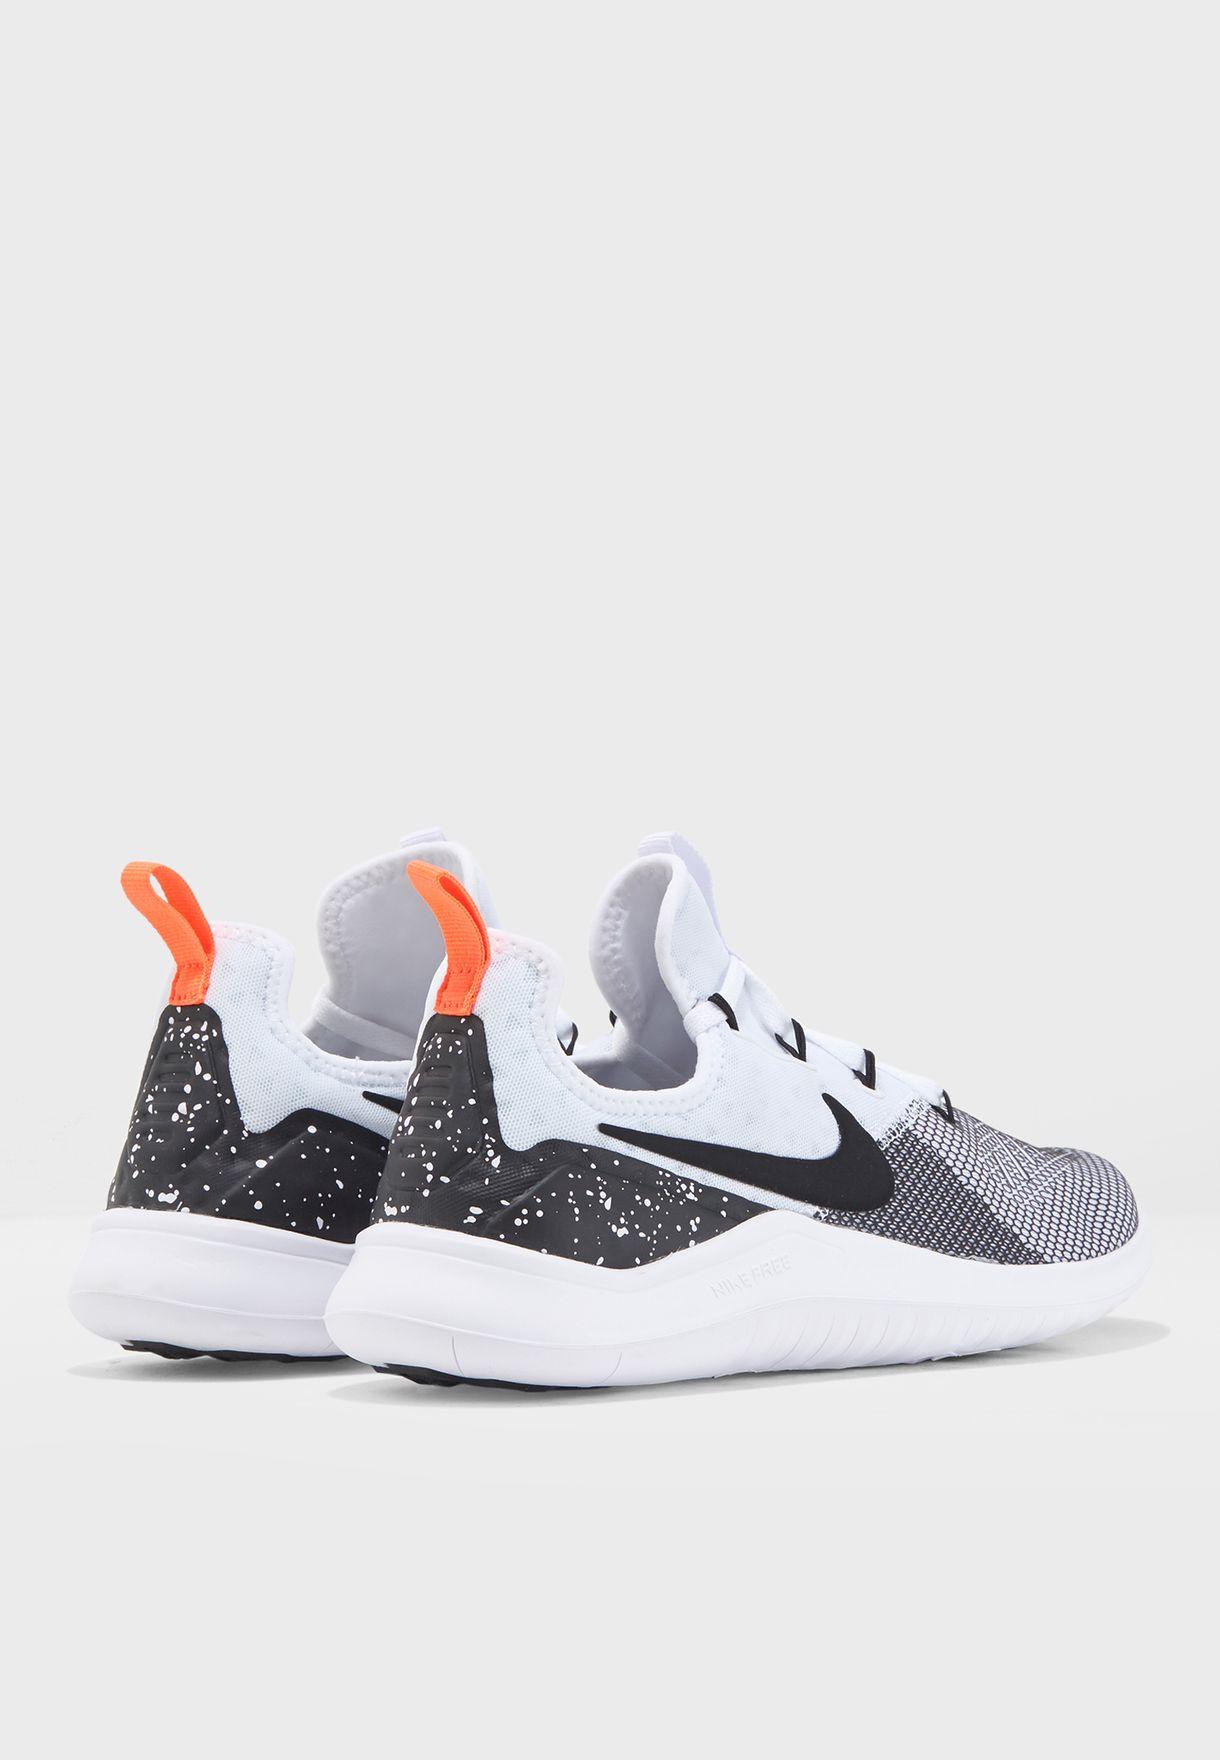 75174f62b52c2 Shop Nike multicolor Free TR 8 942888-101 for Women in Qatar ...